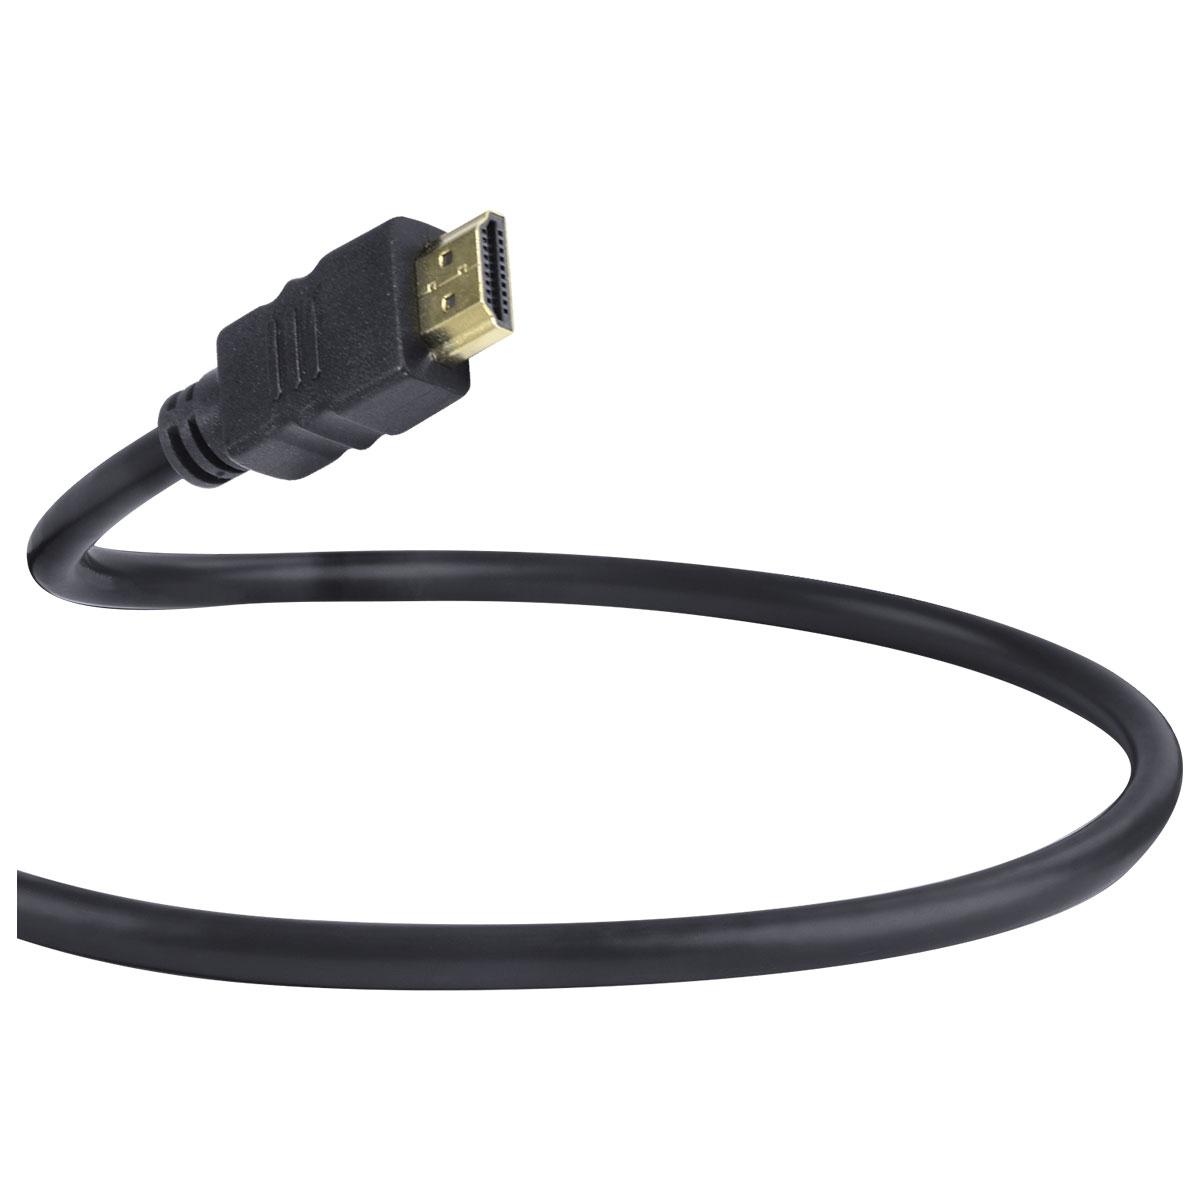 CABO HDMI 2.0 PARA MINI HDMI 4K ULTRA HD 3D CONEXÃO ETHERNET 2 METROS - H20MM-2